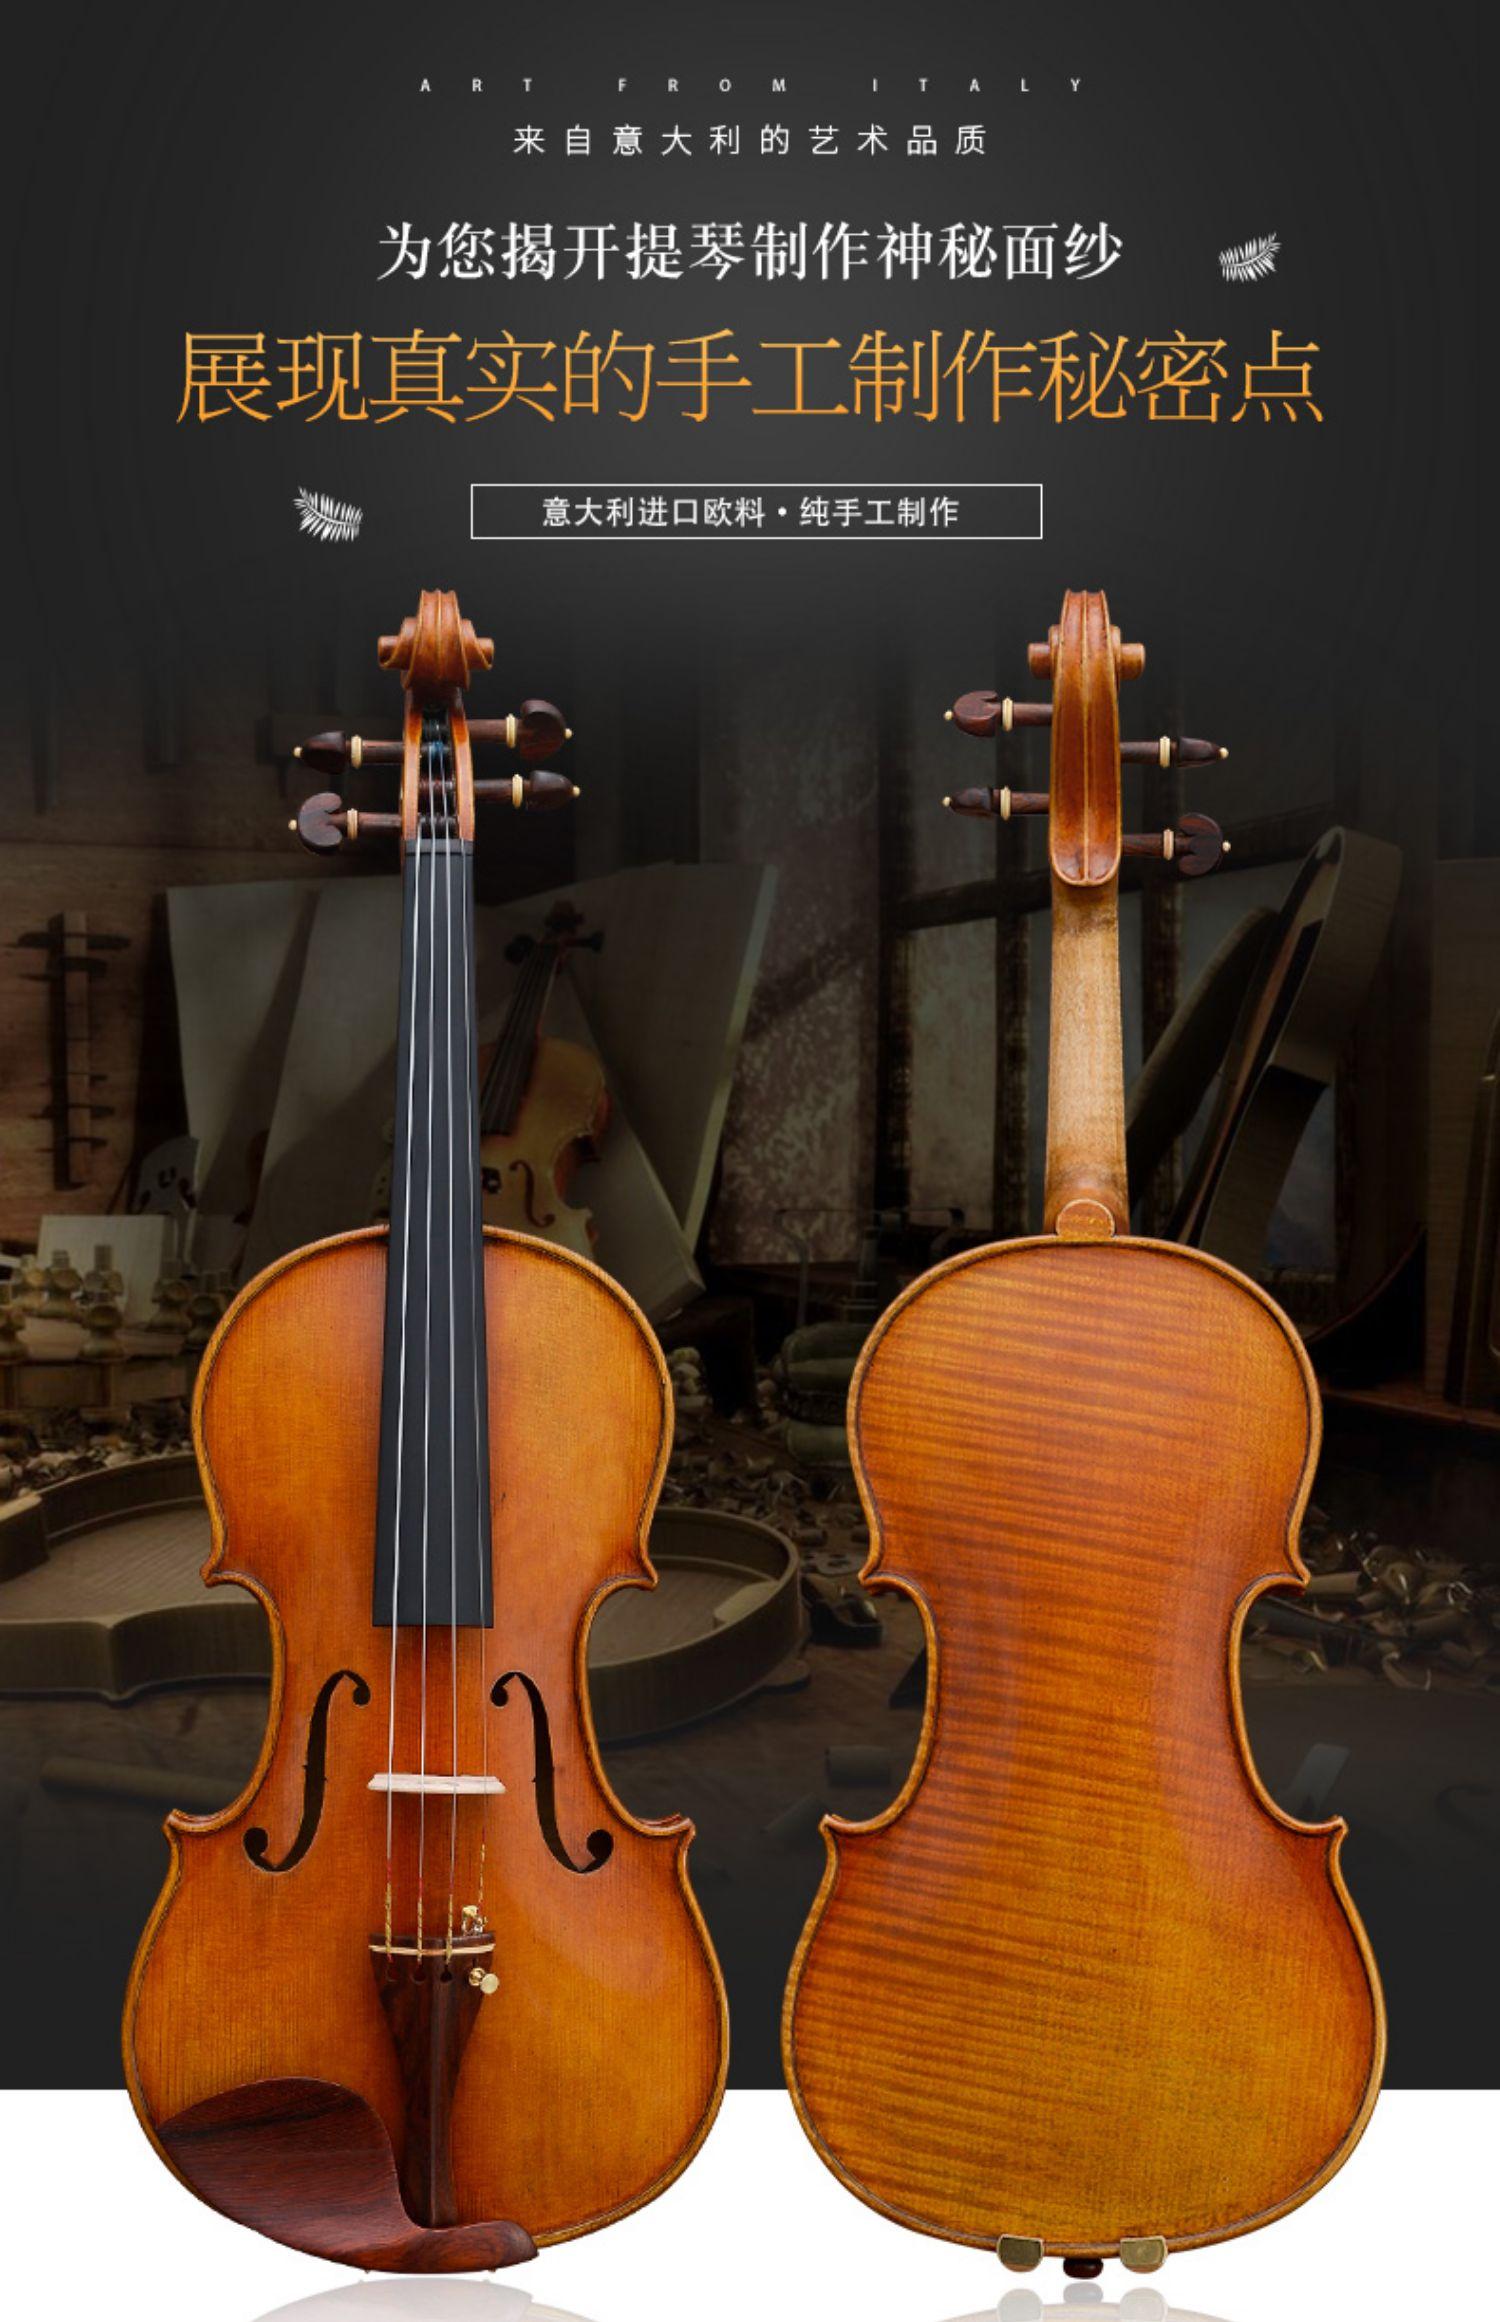 意大利高档纯手工初学者成人实木专业级演奏级进口欧料独板小提琴商品详情图